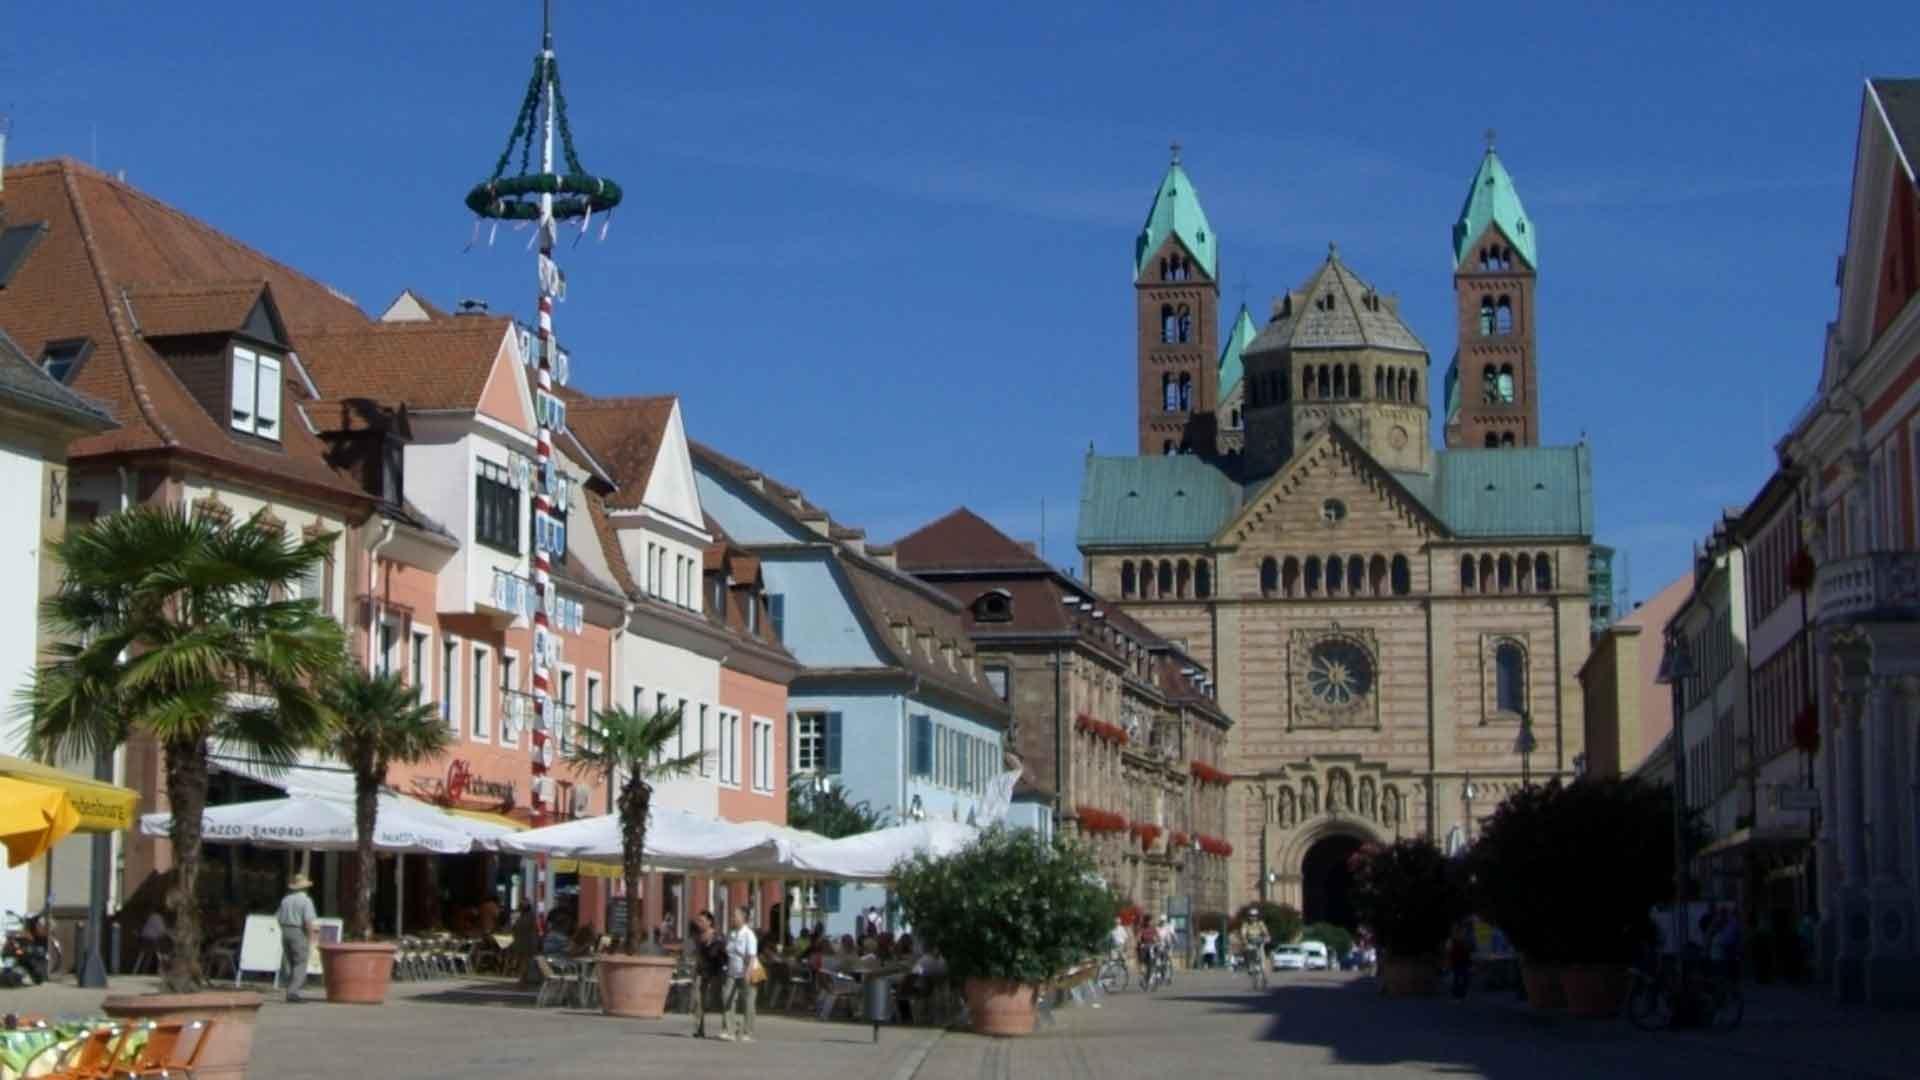 Het gezellige centrum van Speyer.